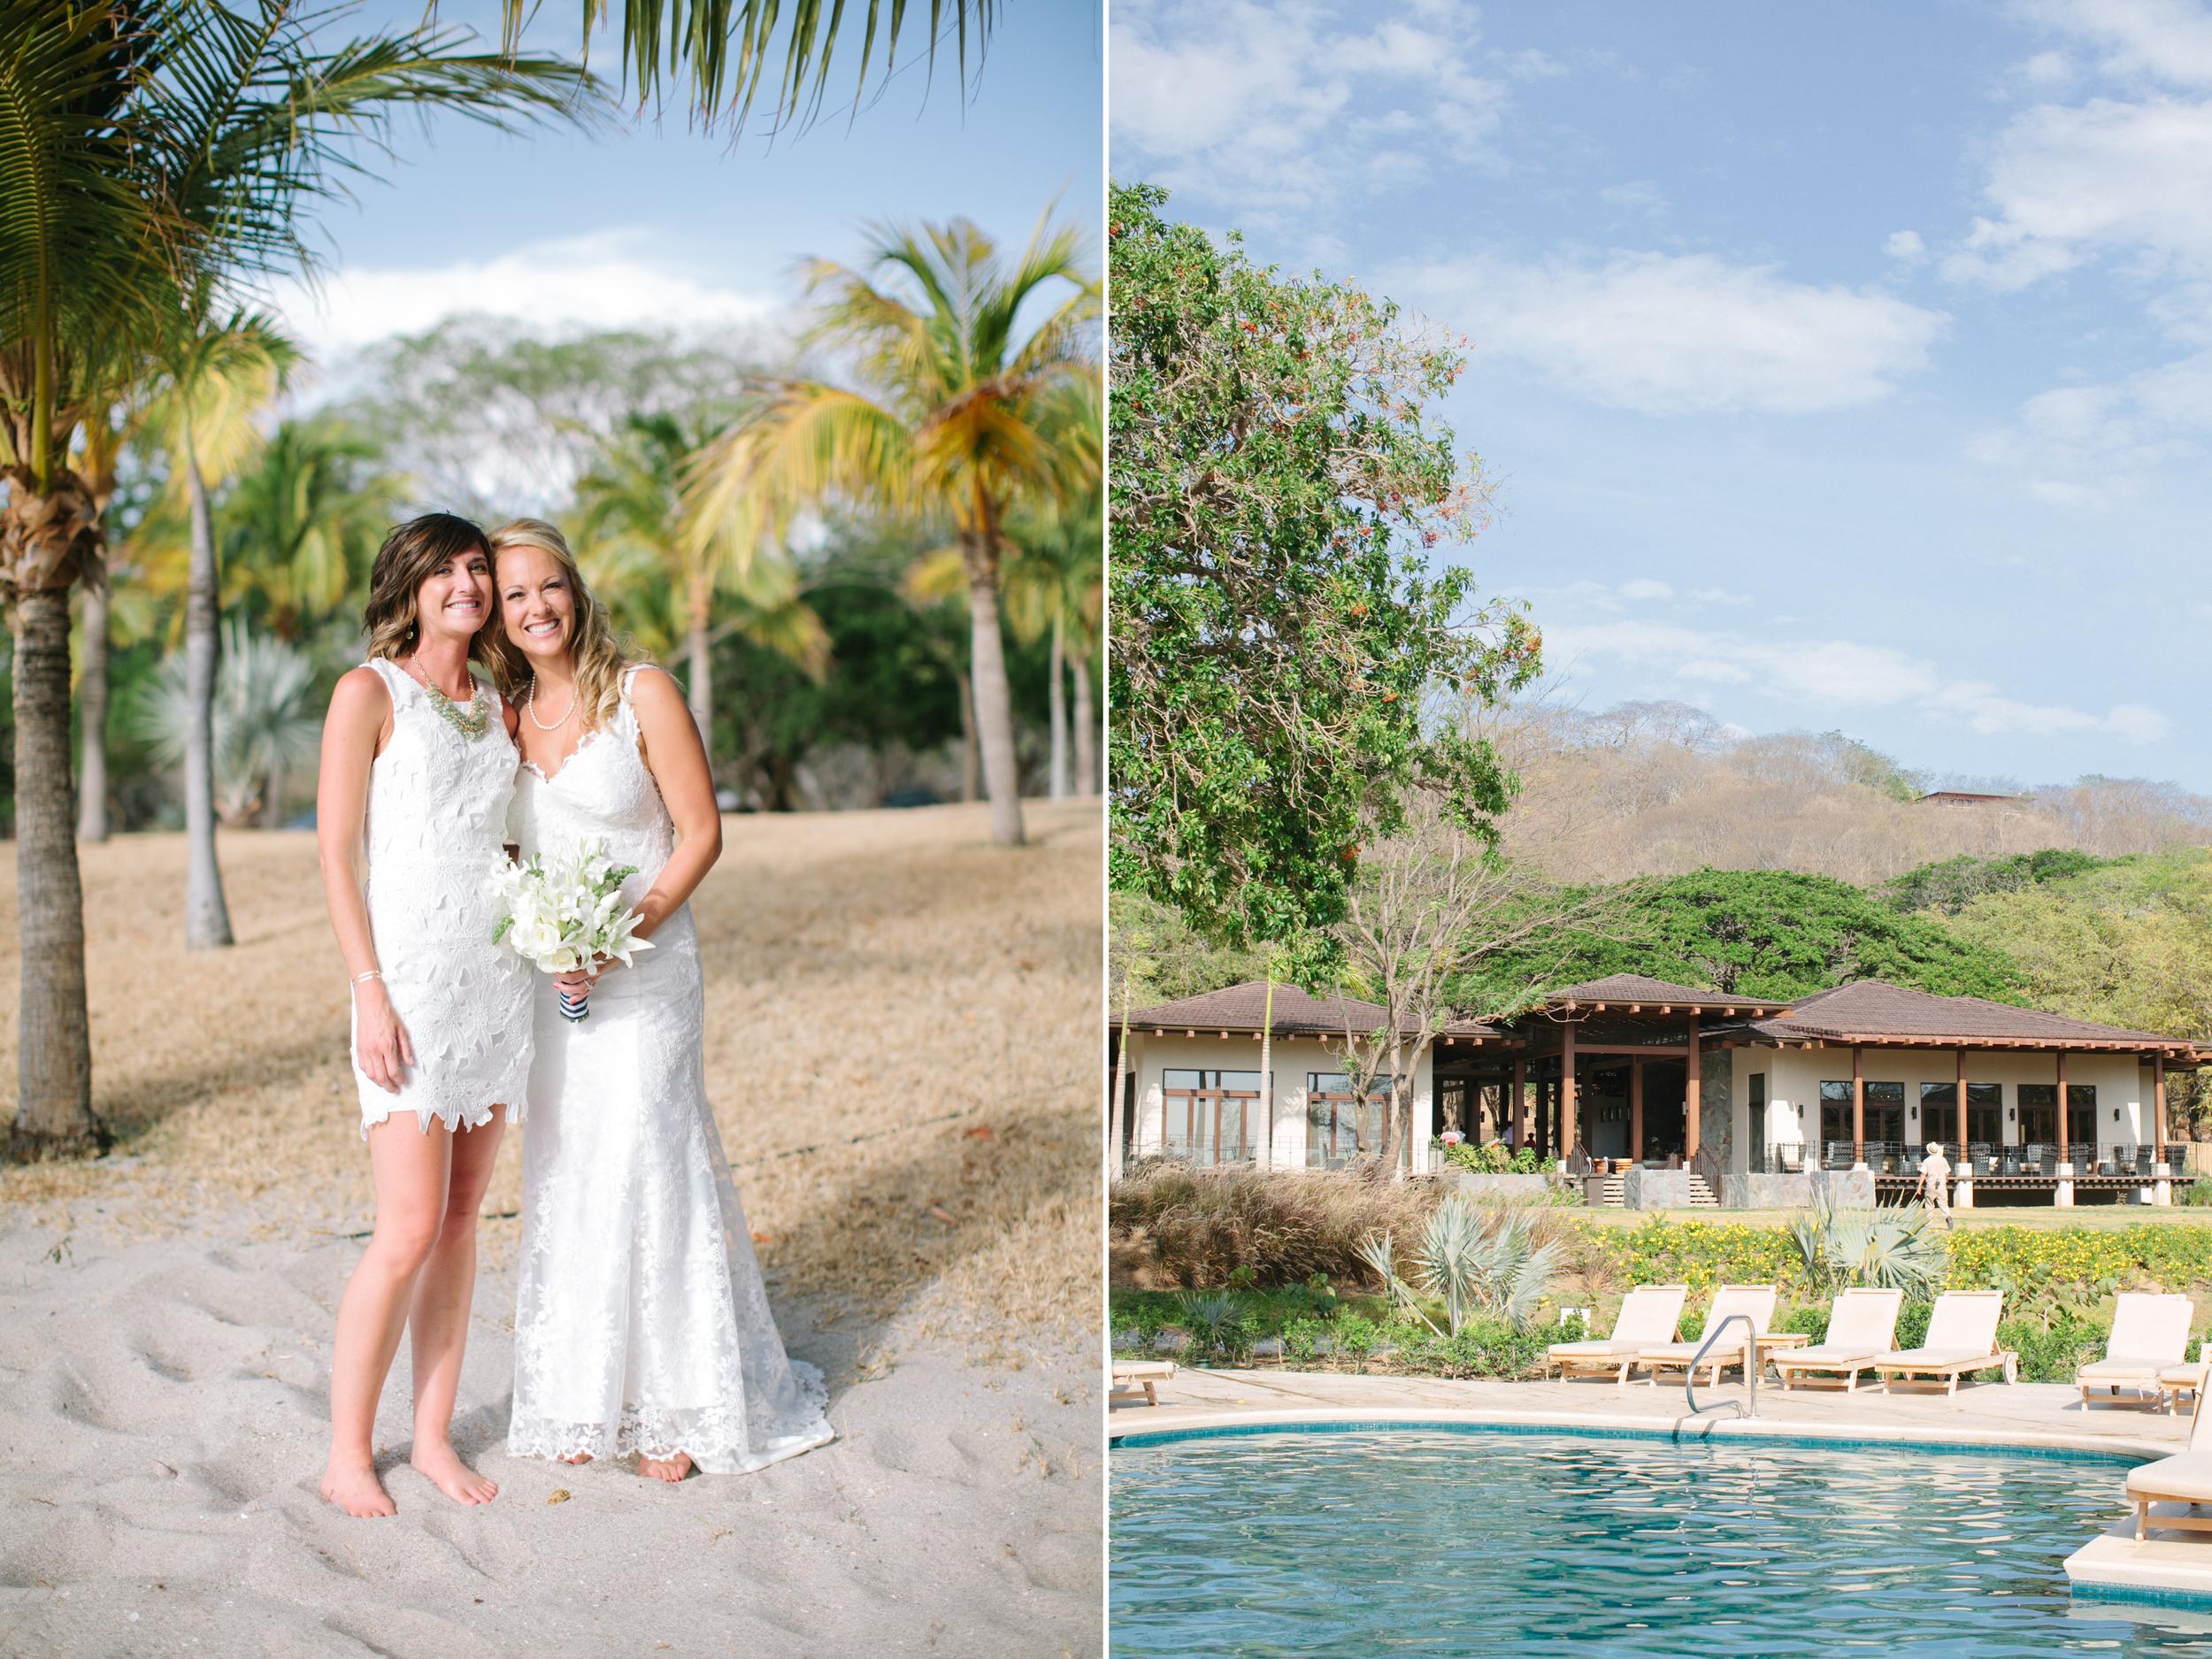 Dreams Las Mareas Costa Rica by Michelle Cross - 4.jpg